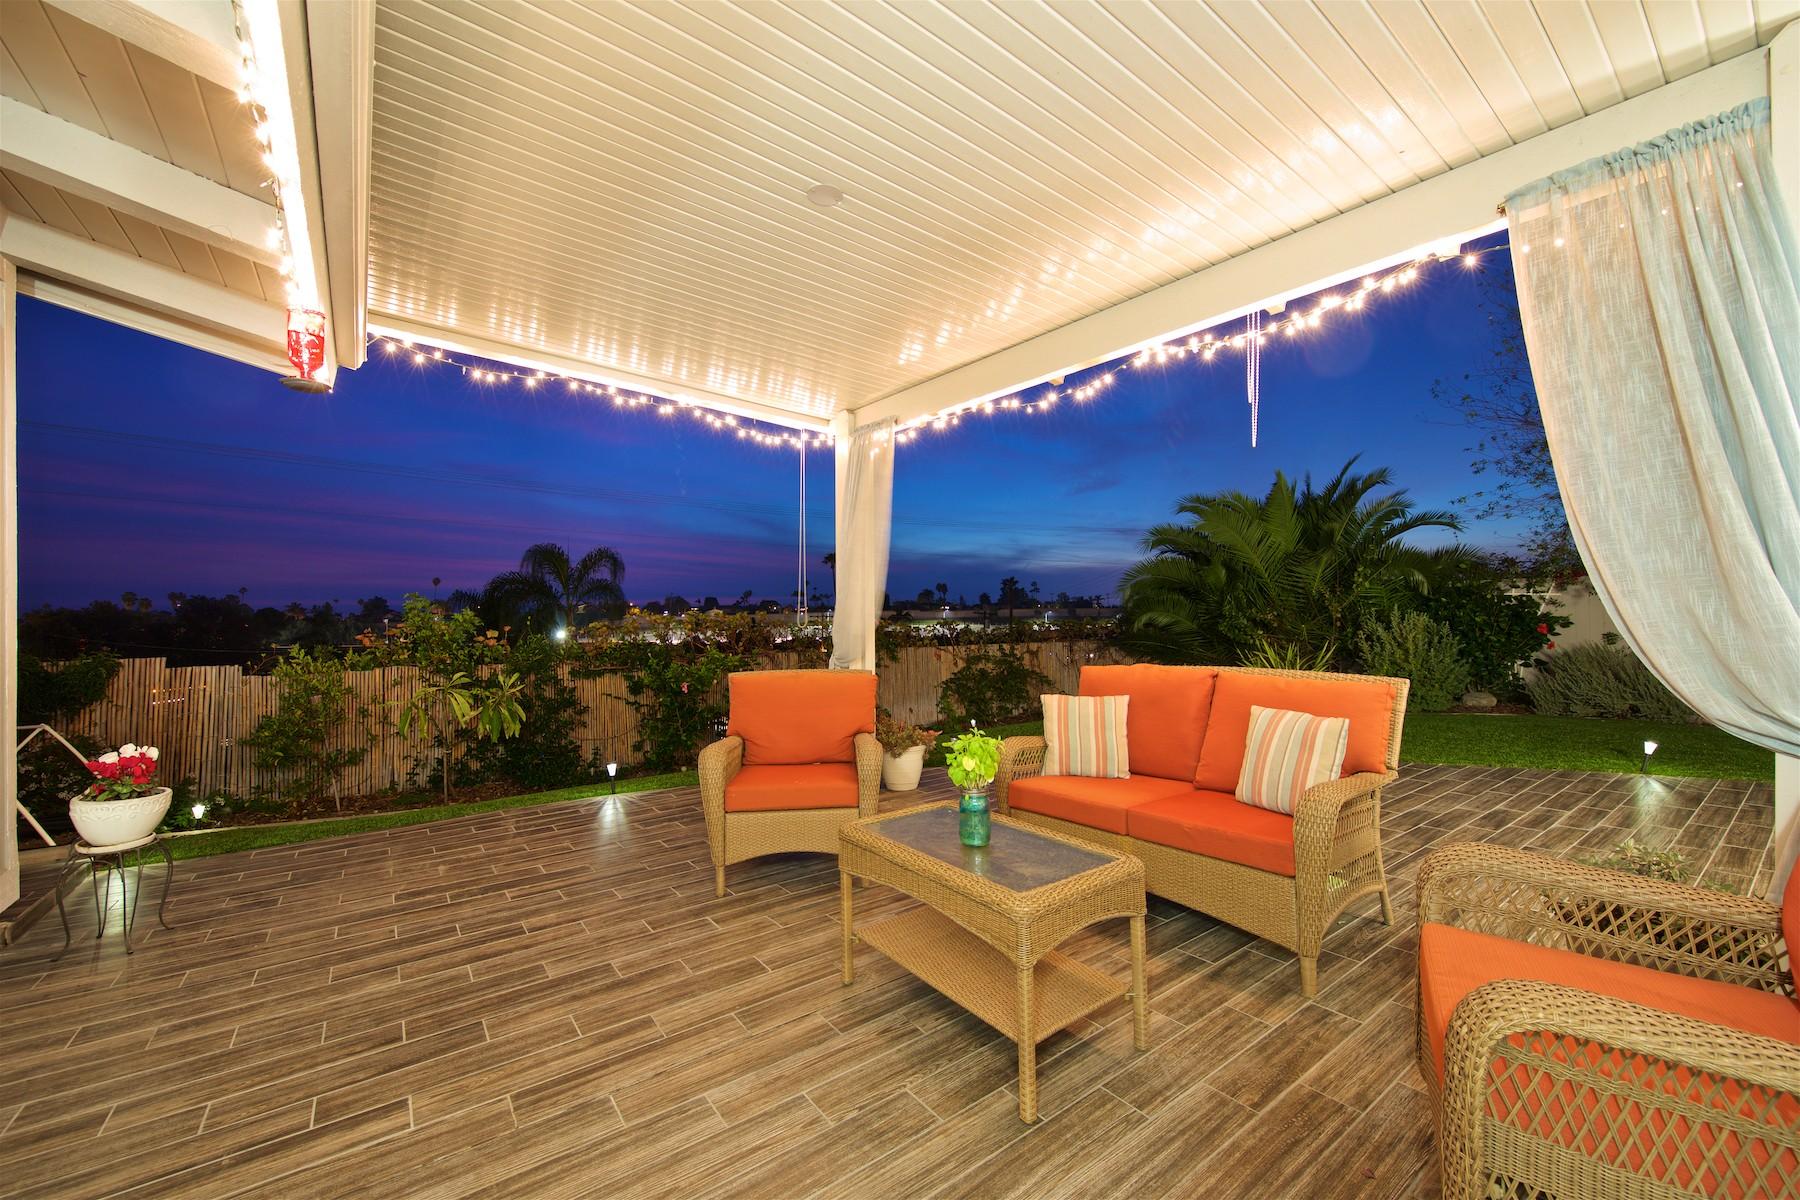 独户住宅 为 销售 在 4121 Calle Abril 圣克莱斯特, 92673 美国